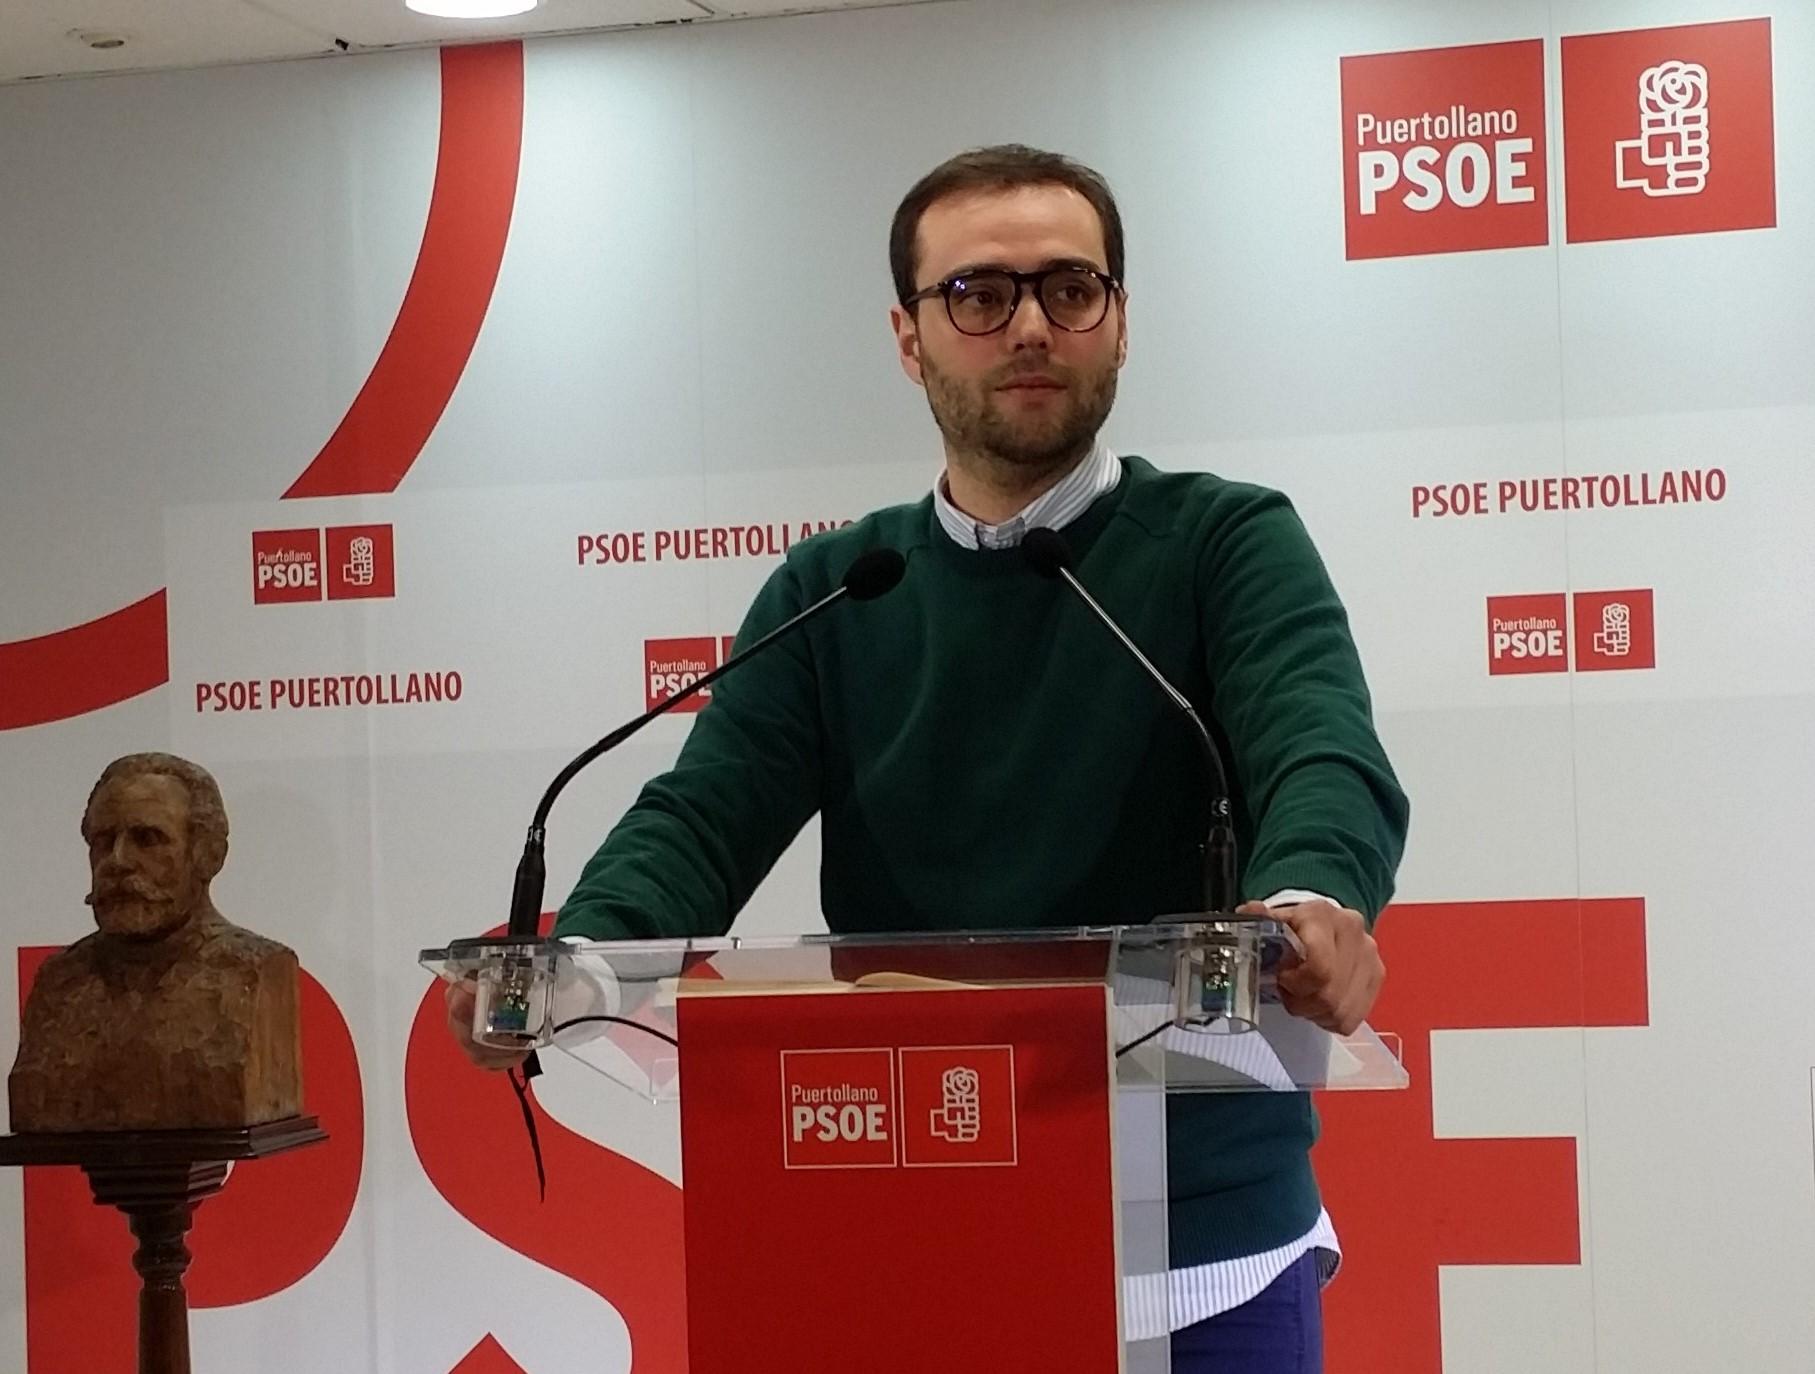 """El PSOE defiende su perspectiva de futuro para Puertollano mientras Ciudadanos """"permanece anclado en el pasado""""."""